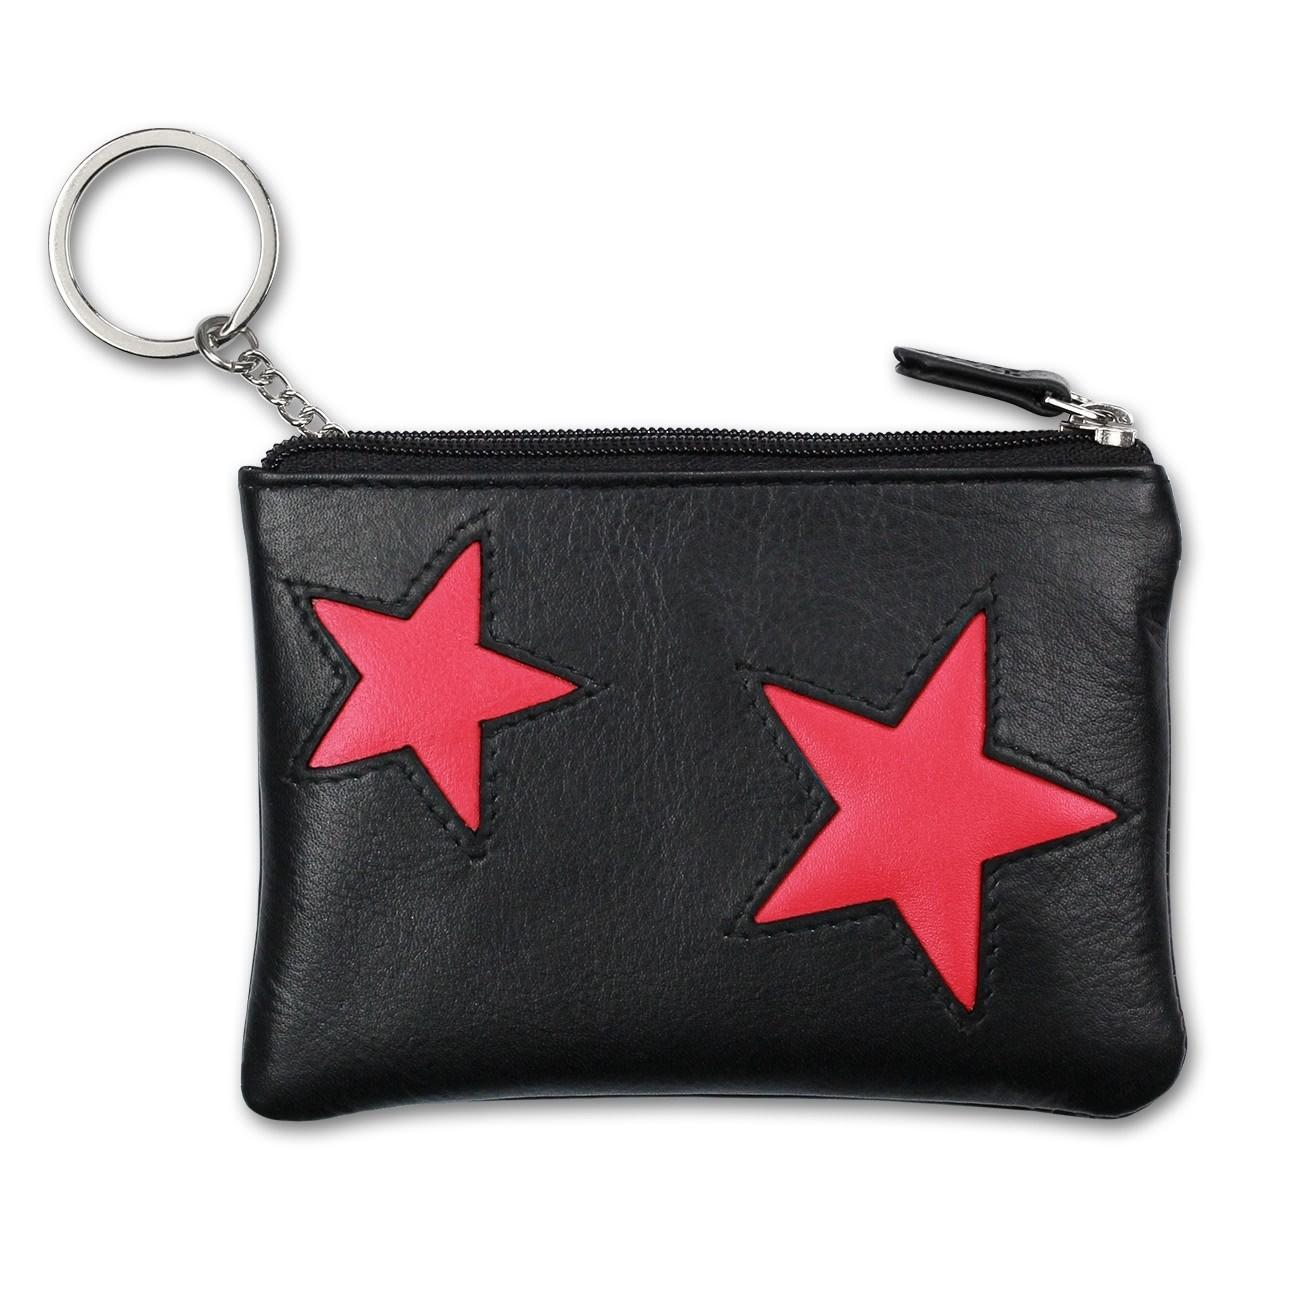 Schlüsseltasche Leder schwarz, pink Schlüsseletui DrachenLeder OPS904P